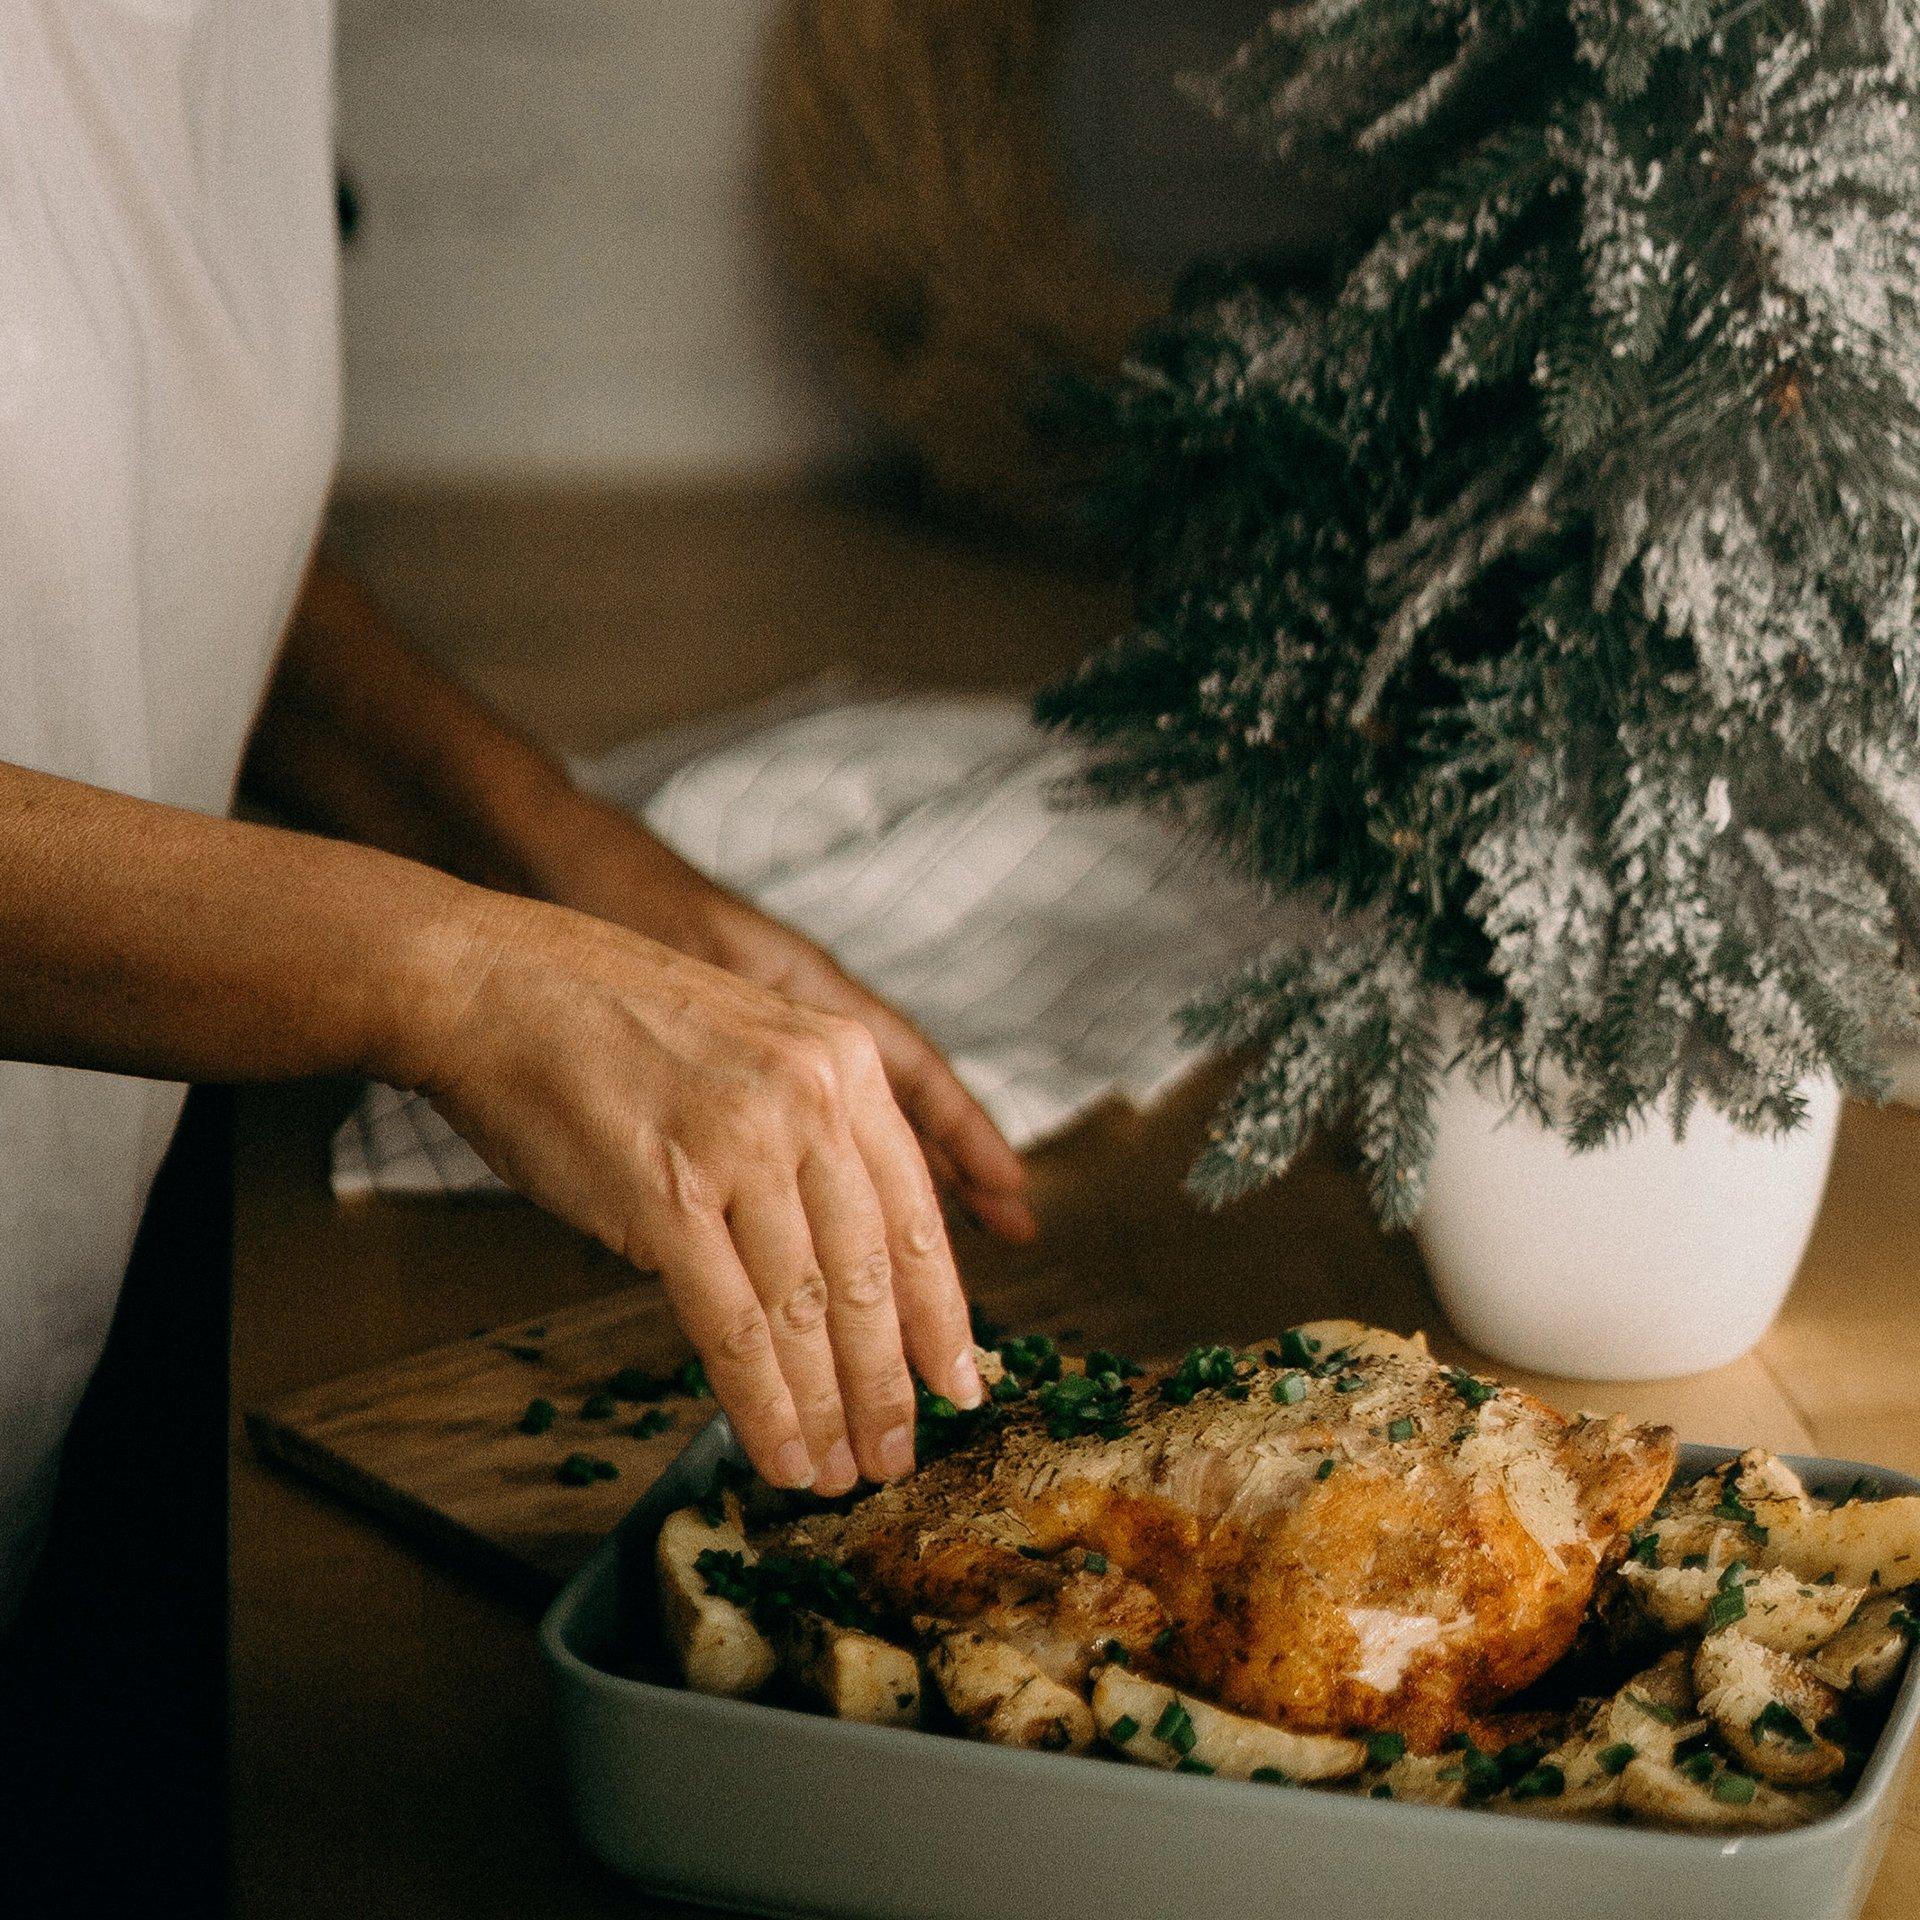 網傳迷思 聽說冷凍調理包都不太健康,是真的嗎?但我在家只會用微波爐,要怎麼吃得美味、健康又安全呢?1